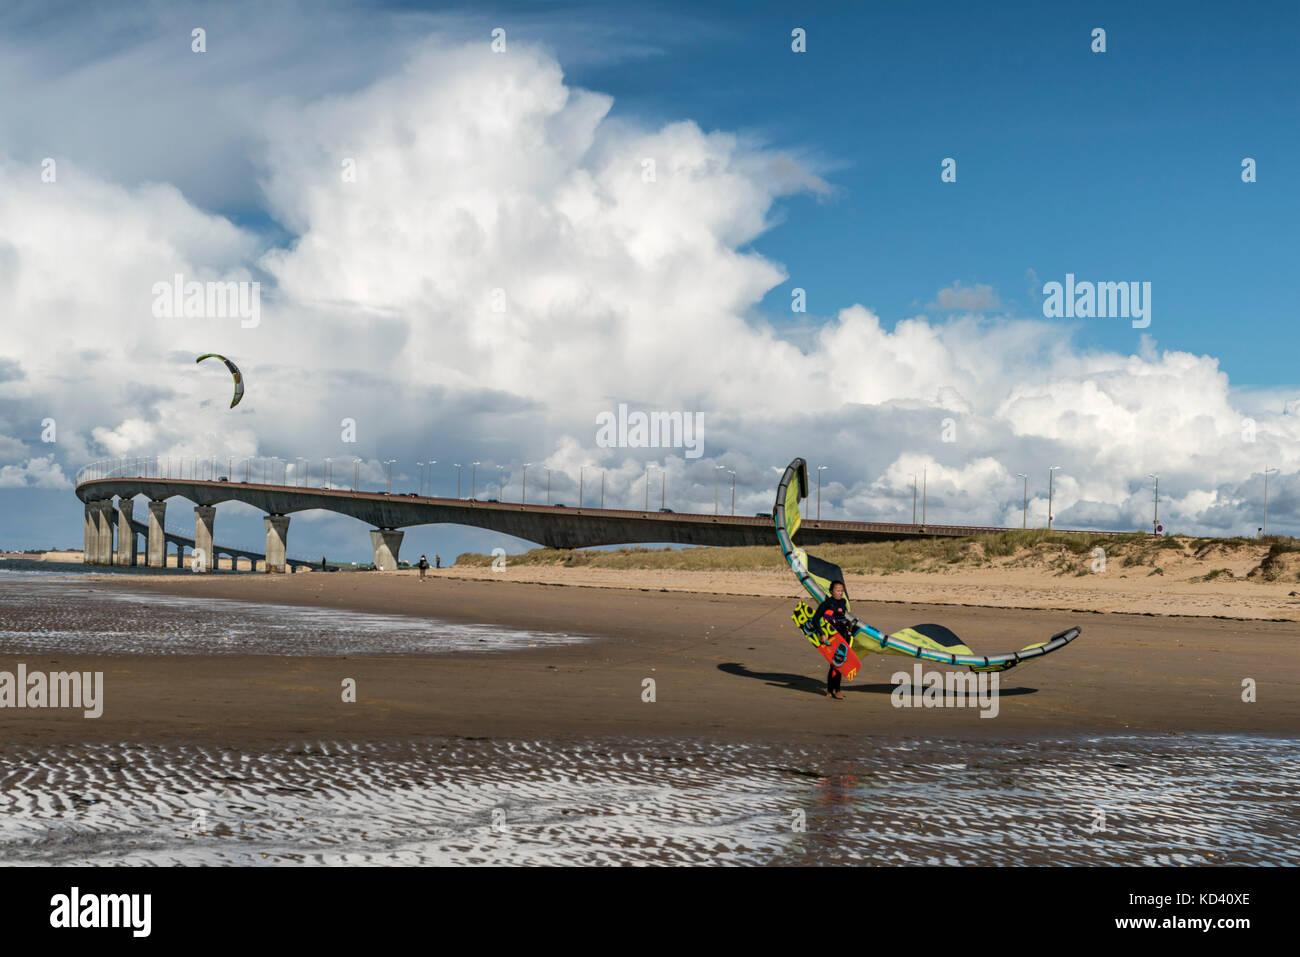 Kitesurfer, Plage Nord, Pont de Ile de Re, bridge,  Ile de Re, Nouvelle-Aquitaine, french westcoast, france, - Stock Image